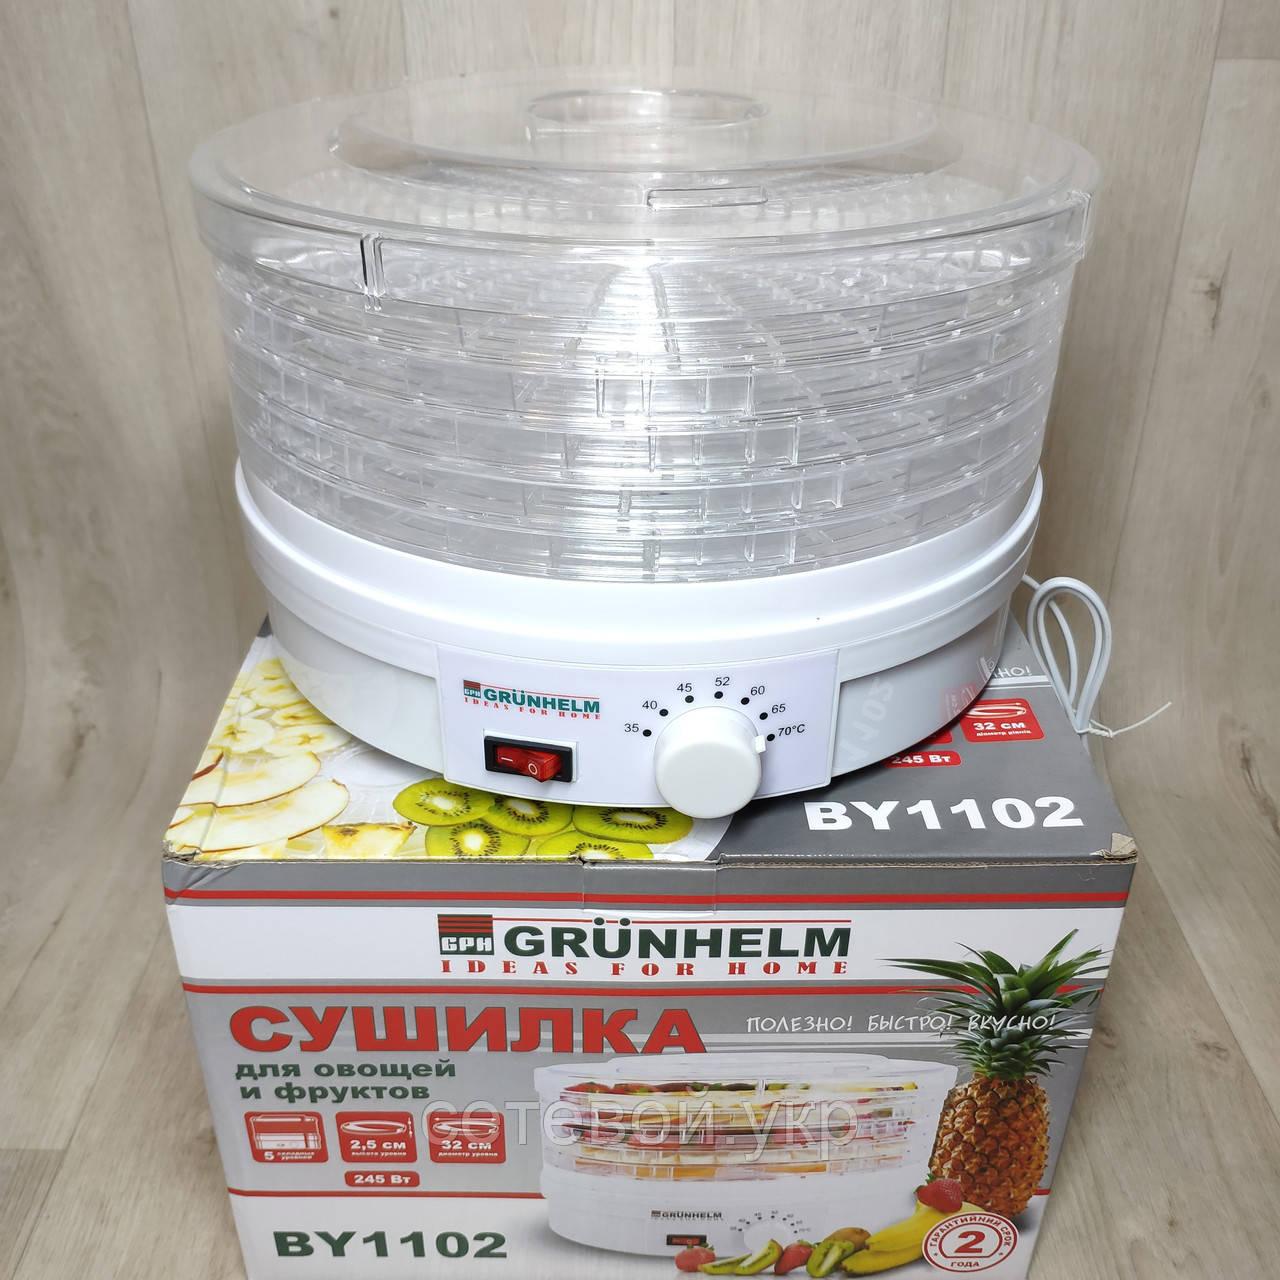 Сушилка для овощей и фруктов Грюнхельм GRUNHELM BY1102